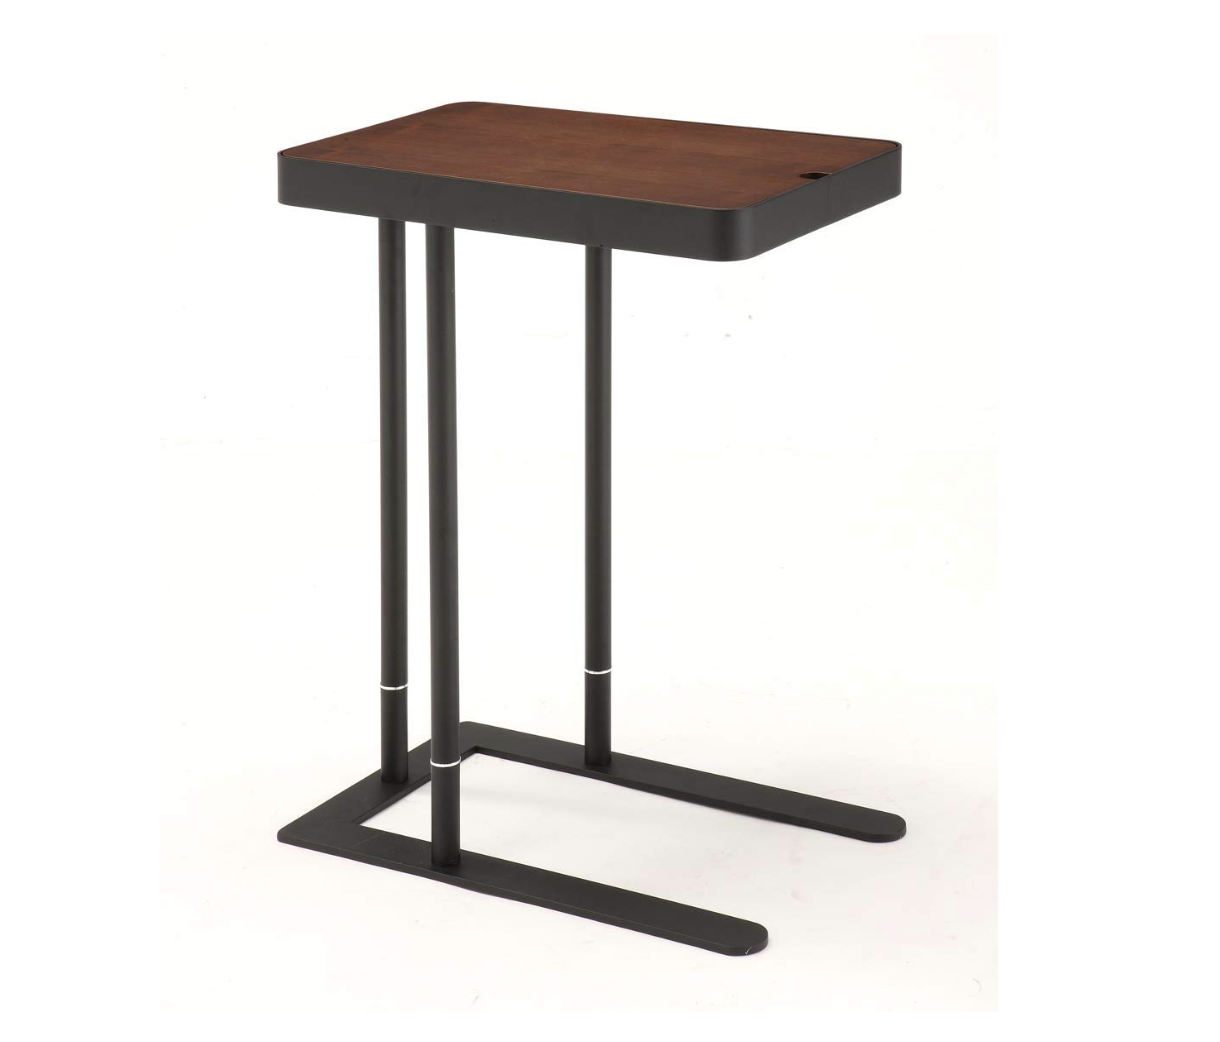 あずま工芸 ノエル サイドテーブル